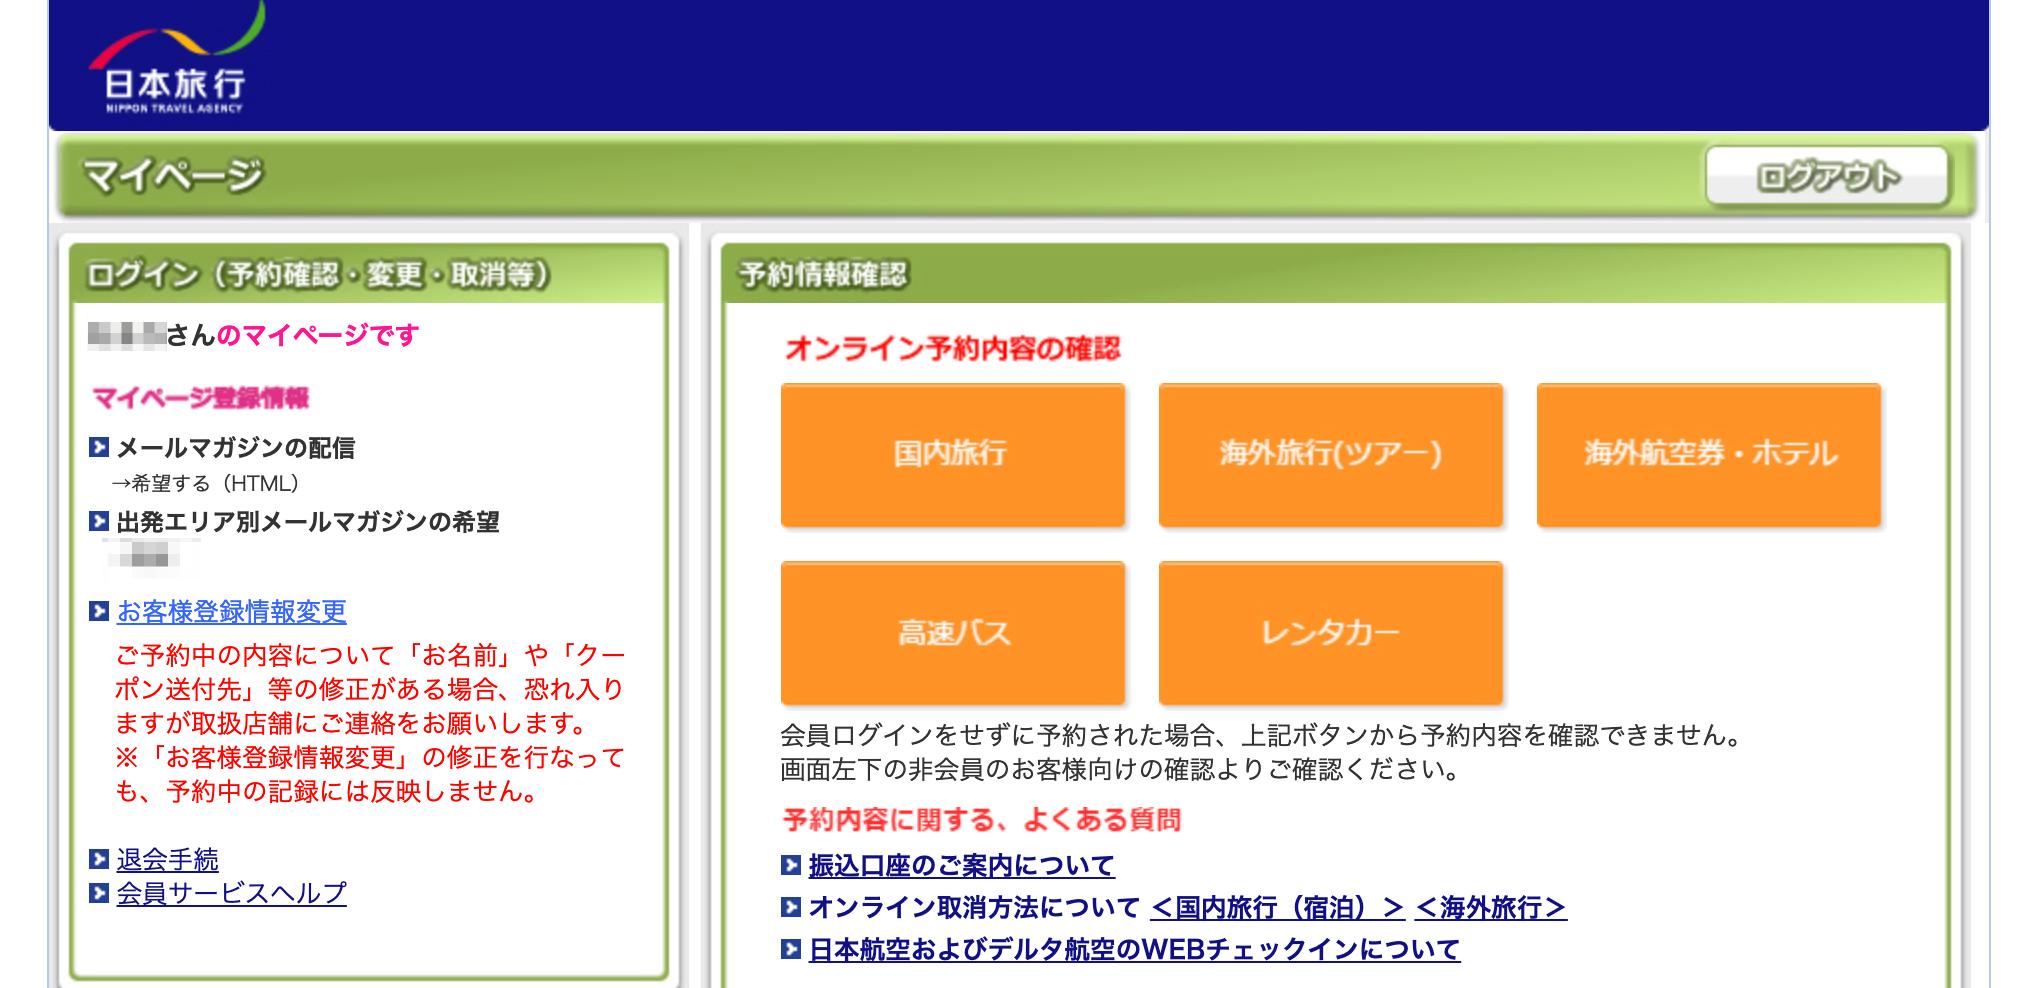 日本旅行のマイページ画面